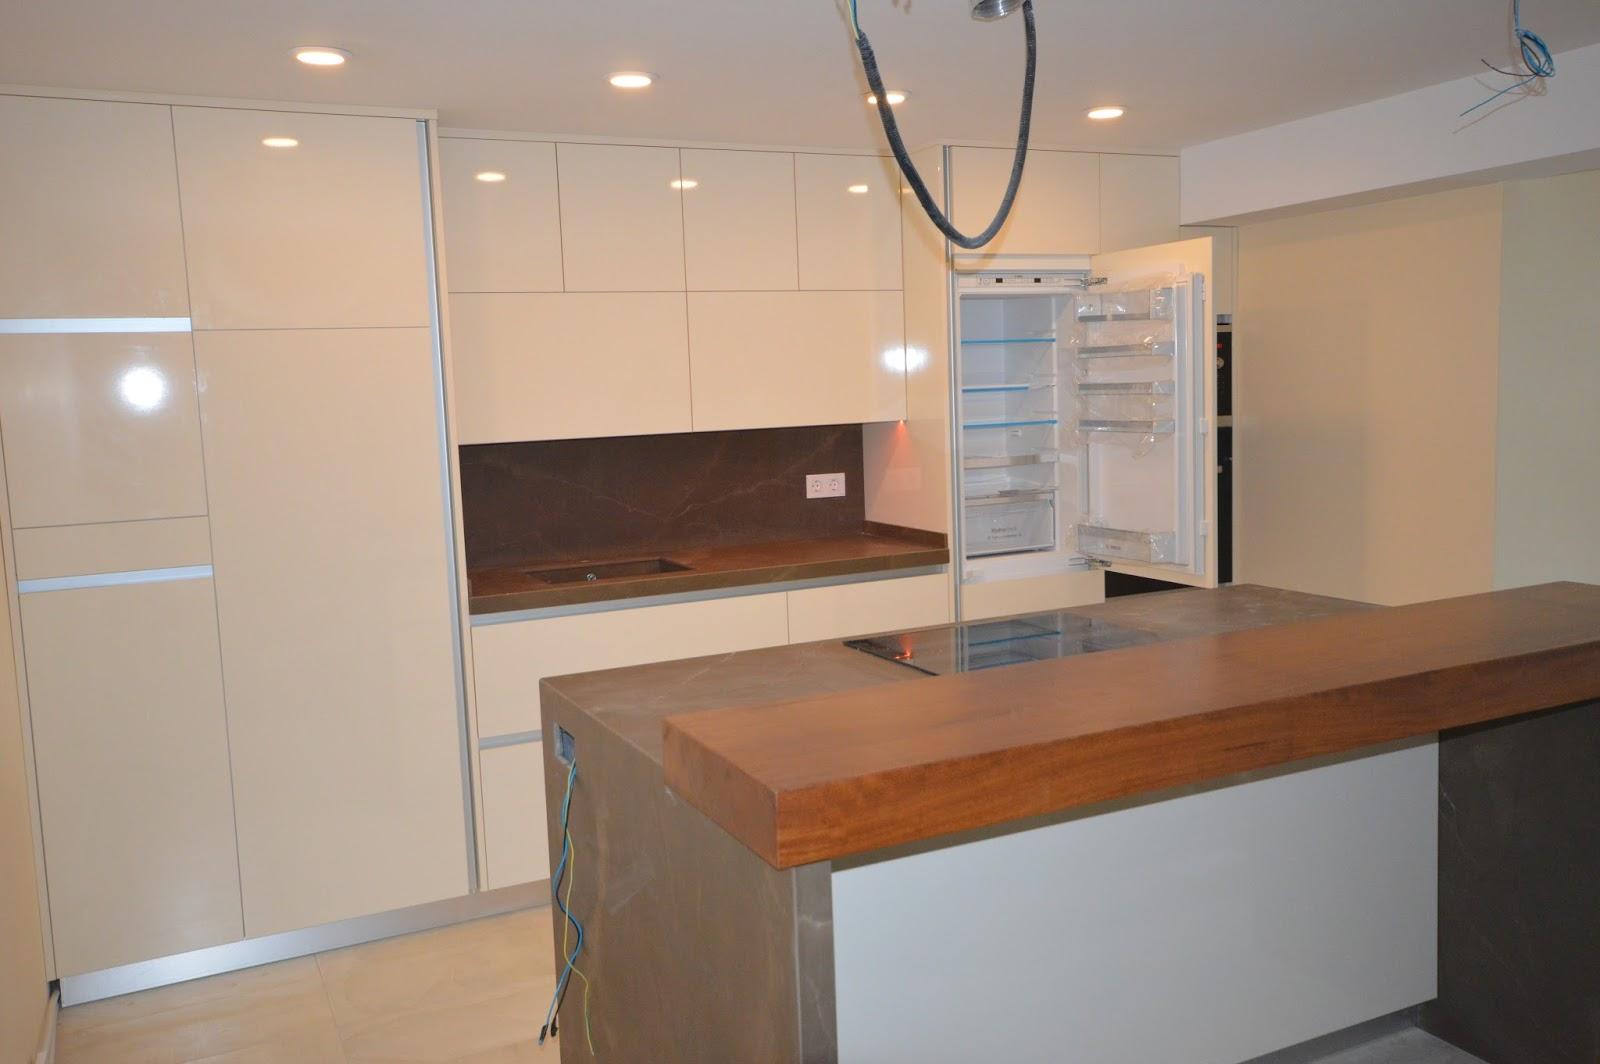 Reuscuina muebles de cocina crema brillo con gola for Muebles de cocina de 70 o 90